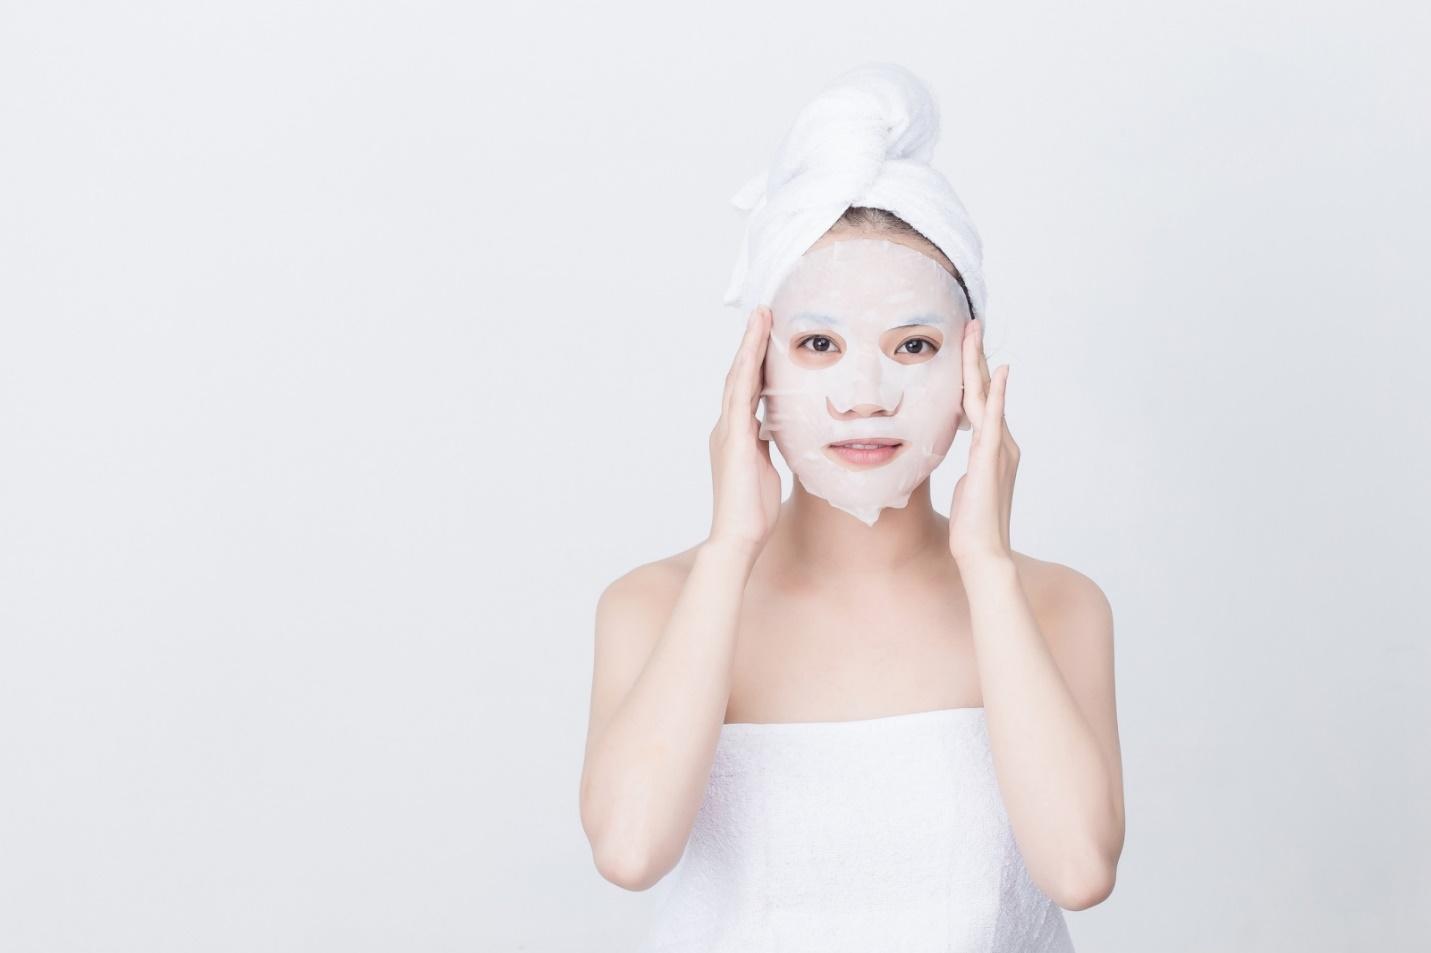 Hình ảnh Theo trào lưu đắp mặt nạ học Phạm Băng Băng nhưng bạn đã biết dùng đúng cách? số 3